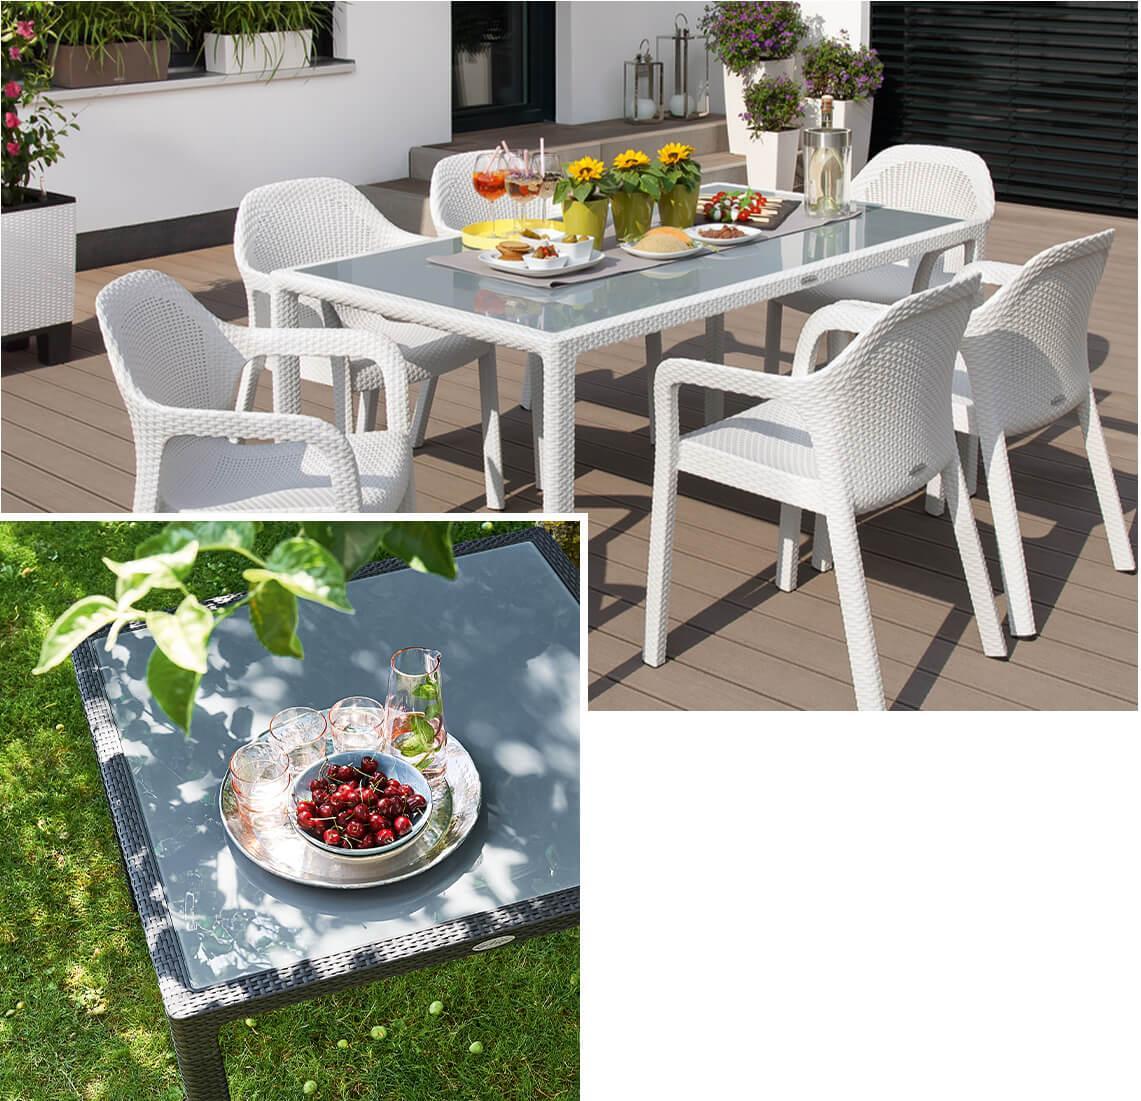 Tavoli da giardino Lechuza in bianco e granito